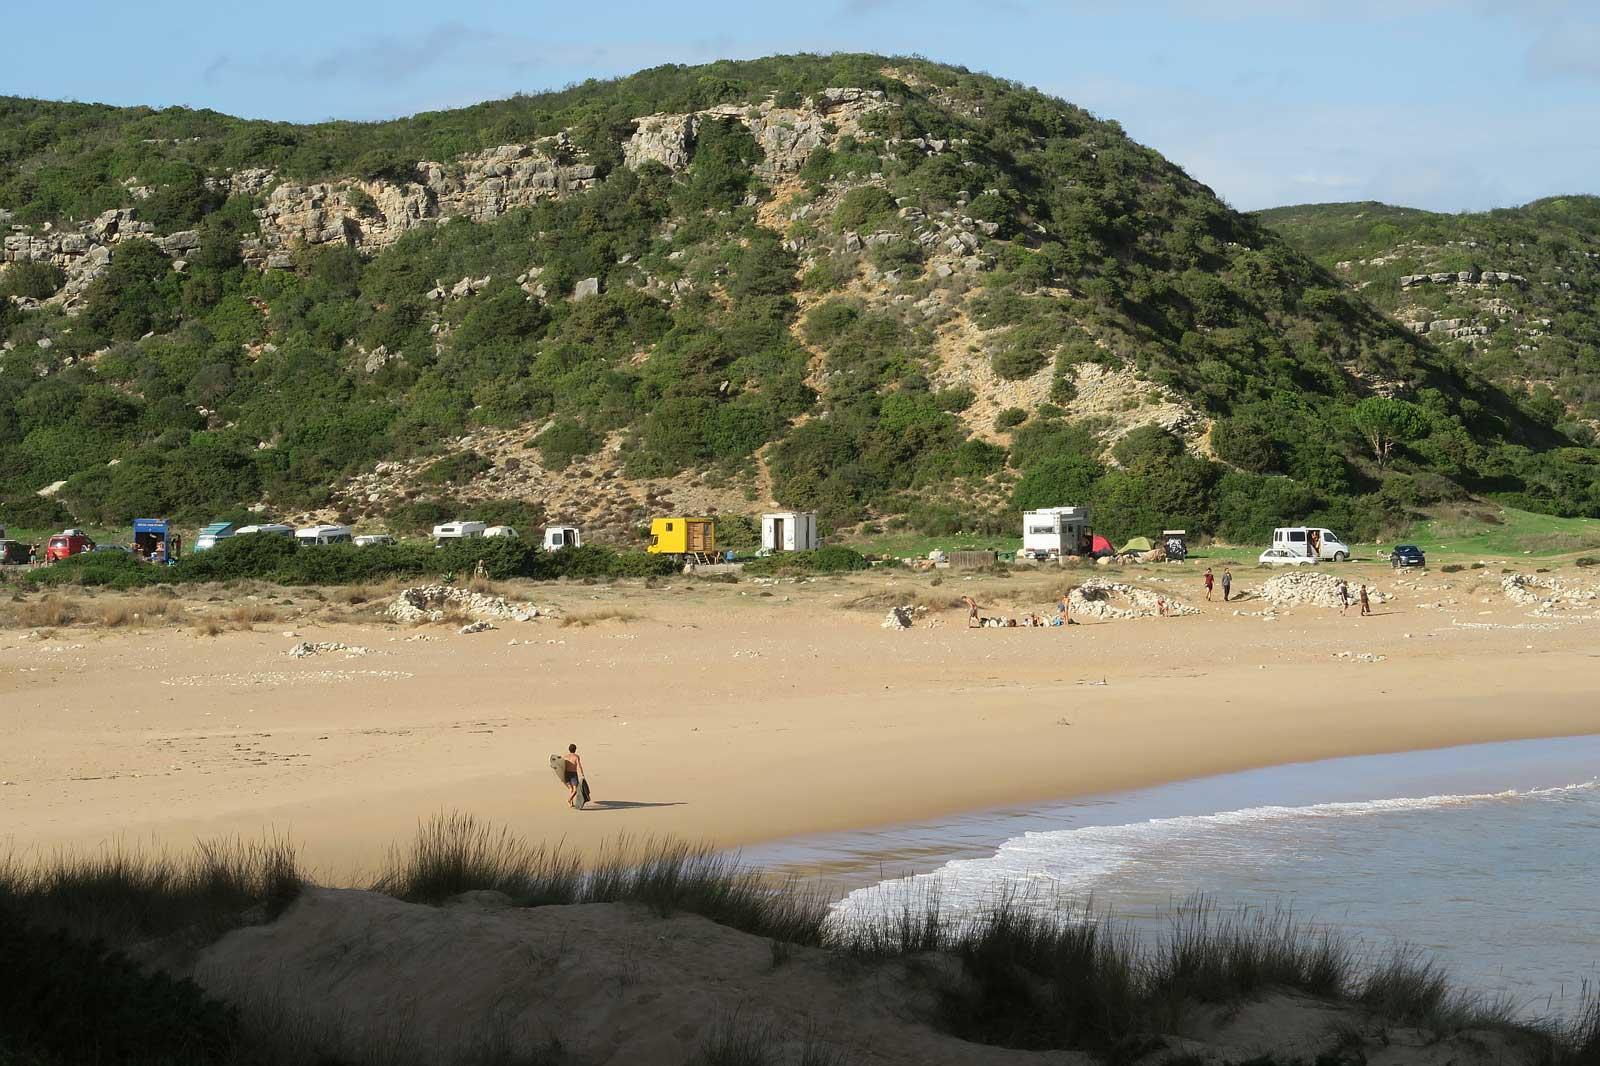 Parken in der ersten Reihe am Strand - was will man mehr?